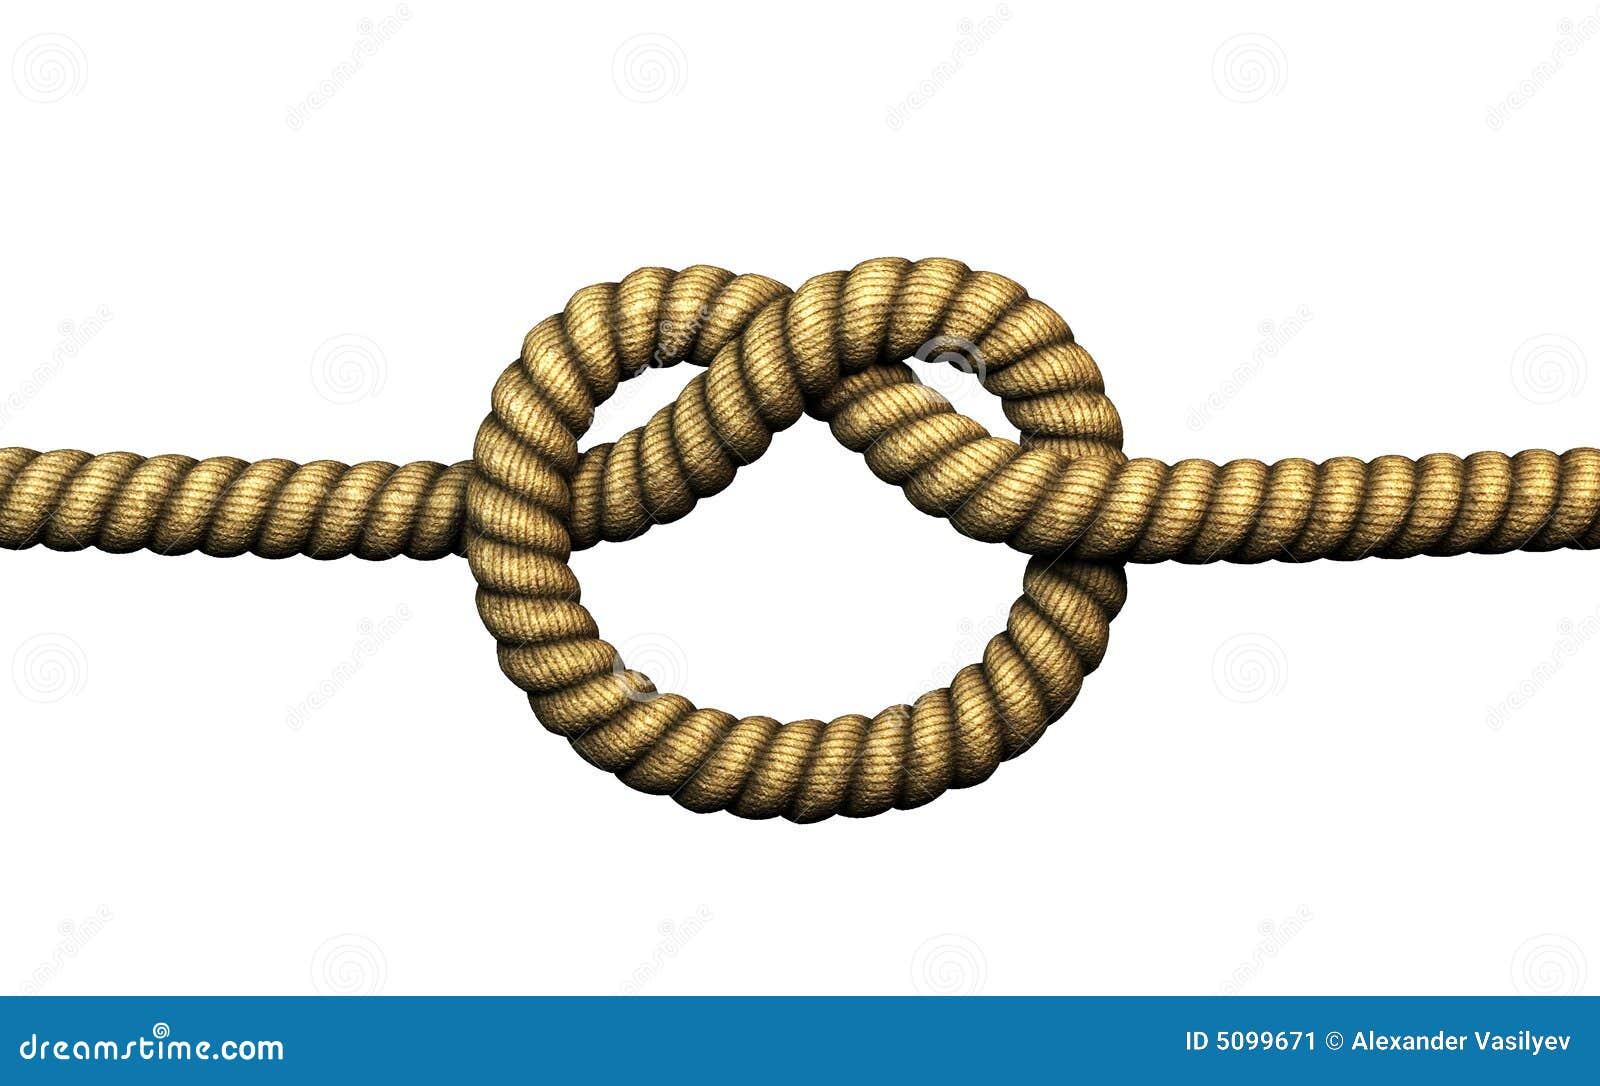 Lasso Clip Art Simple knot stock illu...